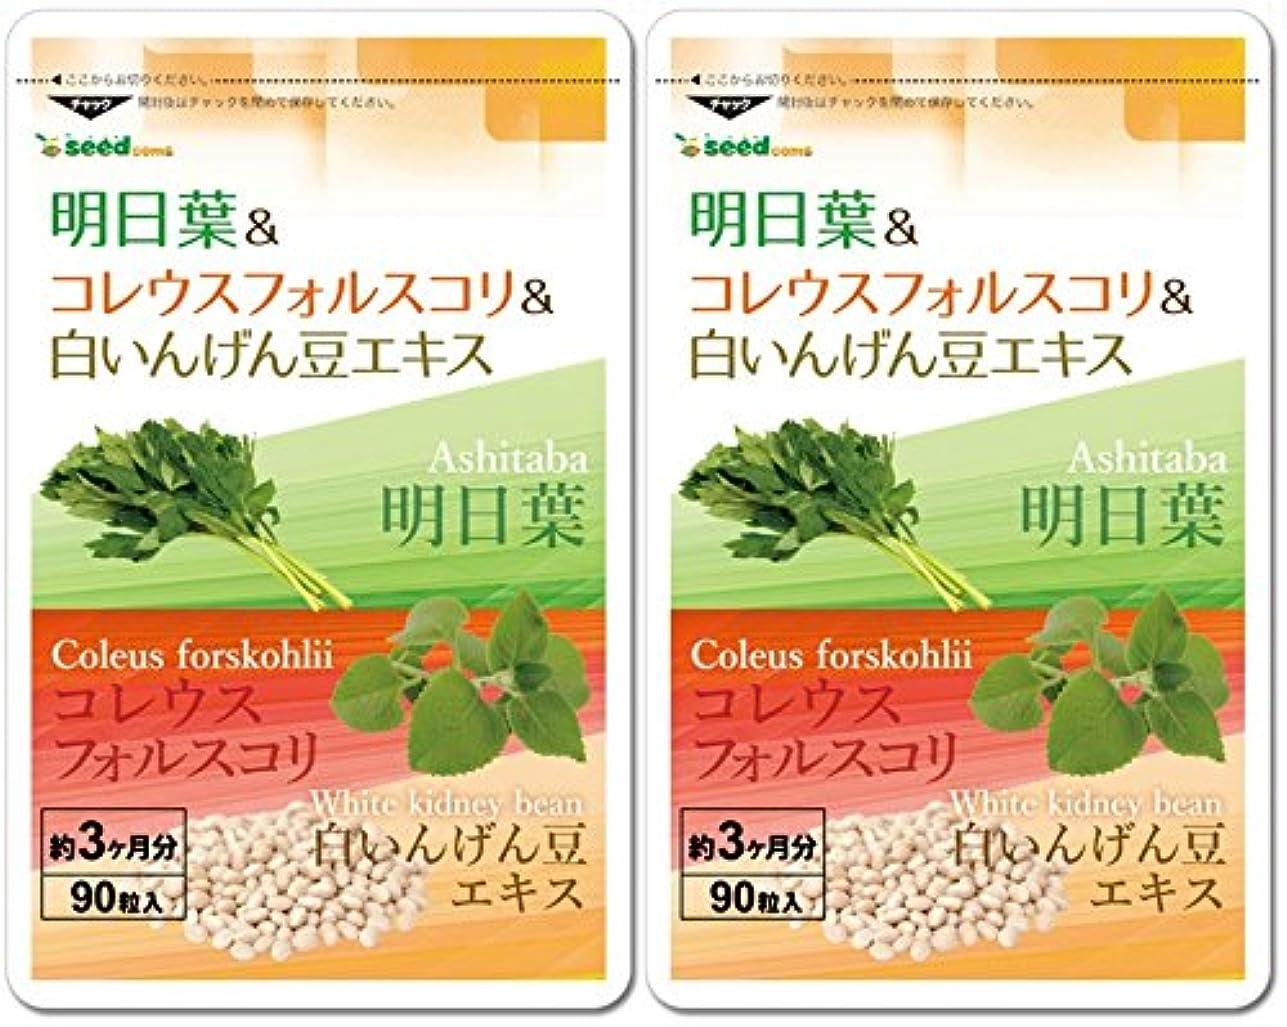 早い砂ビュッフェ明日葉&コレウスフォルスコリ&白いんげん豆エキス (約6ヶ月分/180粒) スッキリ&燃焼系&糖質バリアの3大ダイエット成分